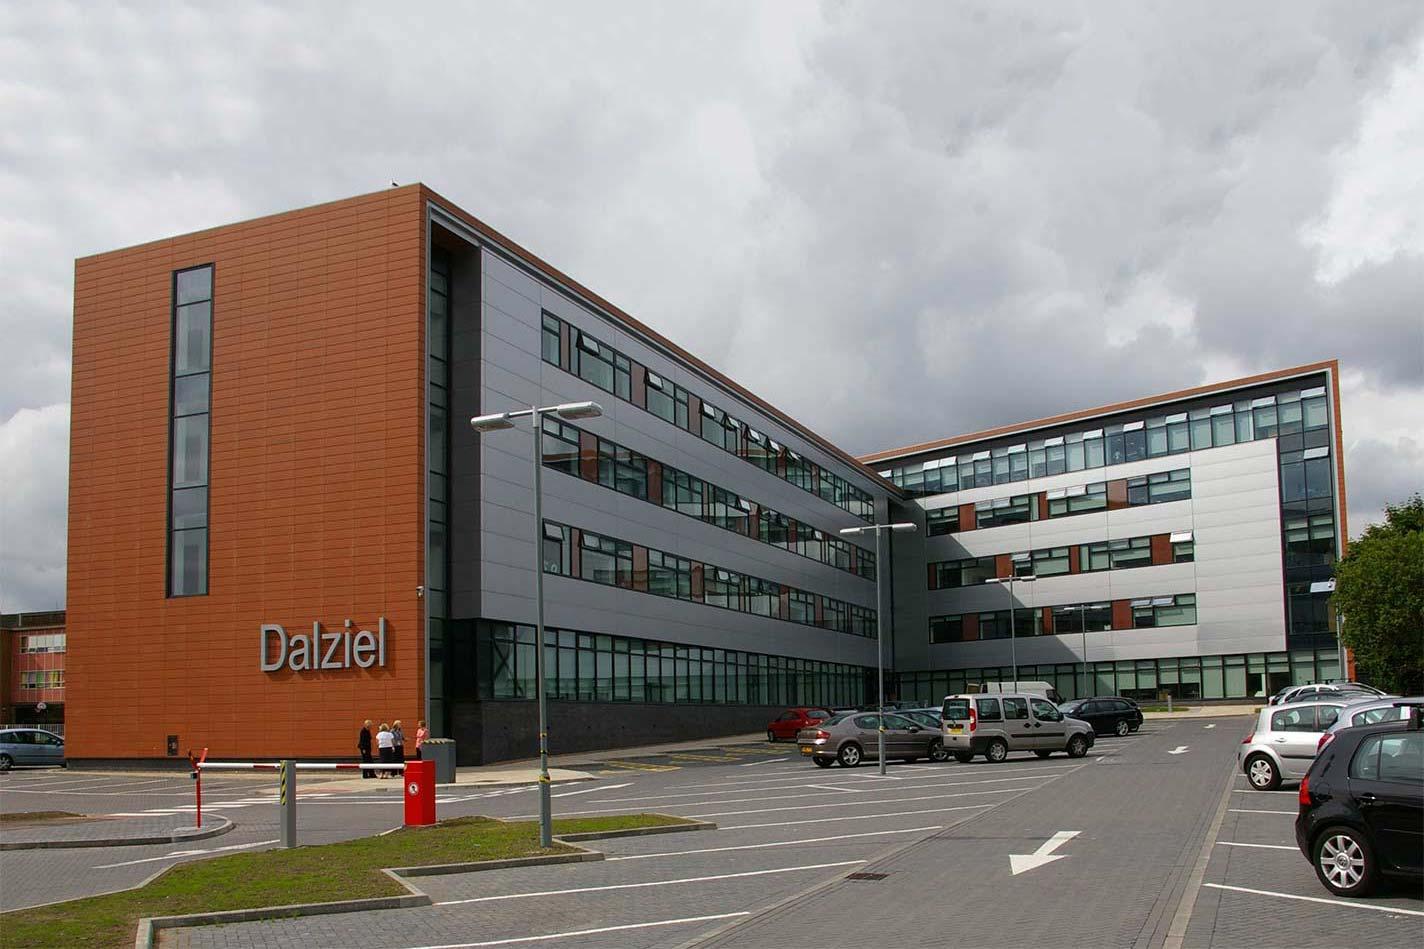 Dalziel Building Exterior